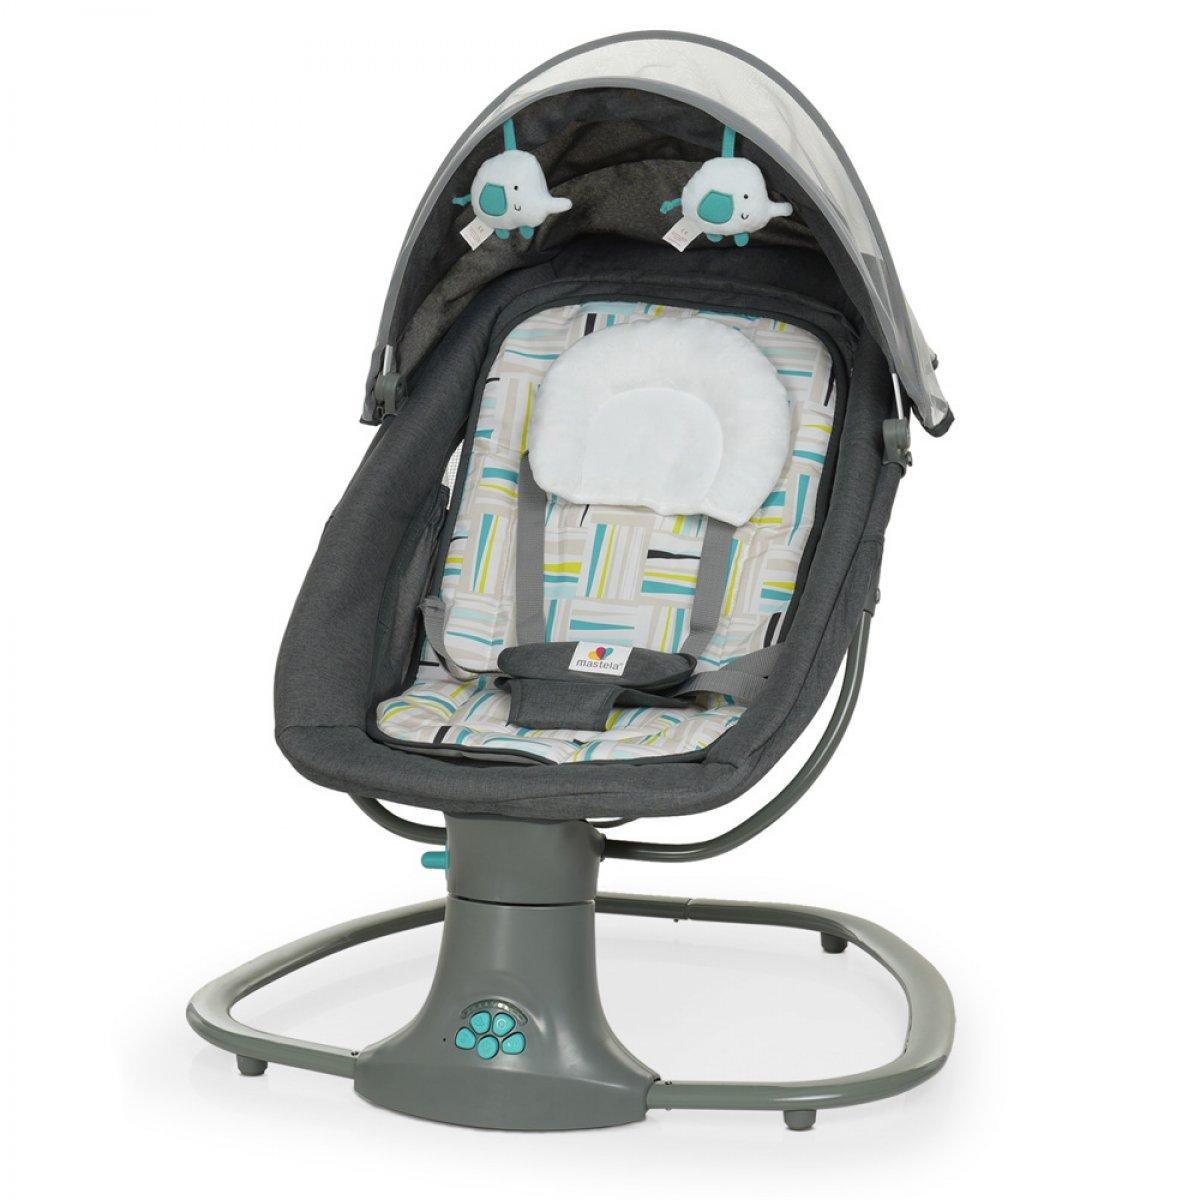 Детский укачивающий центр с капюшоном Mastela deluxe 8105 темно-серый с мятным